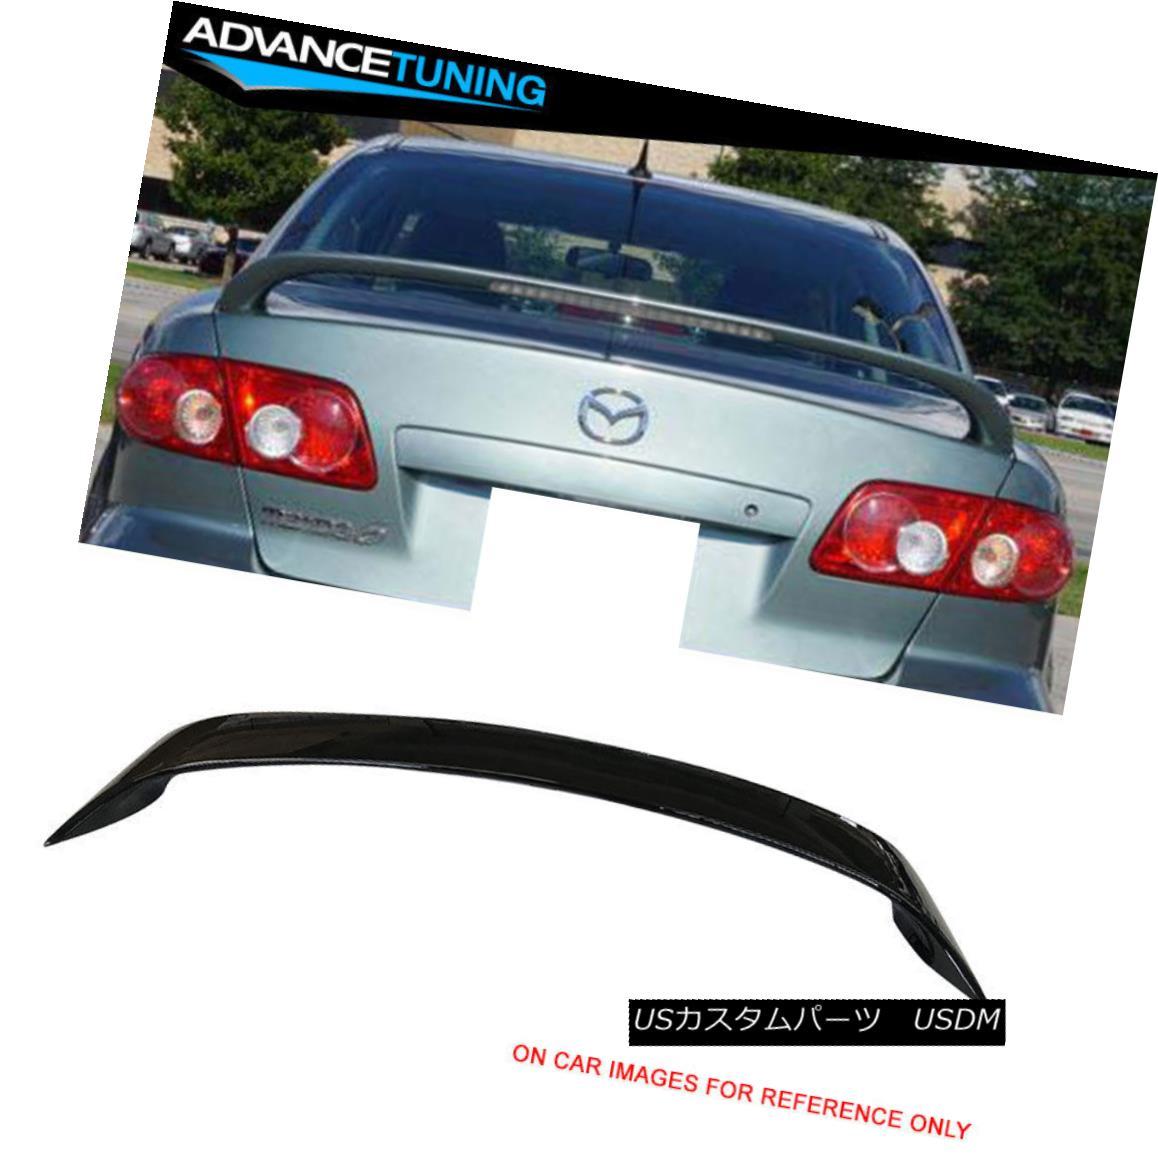 エアロパーツ Fits 03-08 Mazda 6 Sedan OE Style Trunk Spoiler Painted #UA Black フィット03-08マツダ6セダンOEスタイルトランクスポイラー#UAブラック塗装